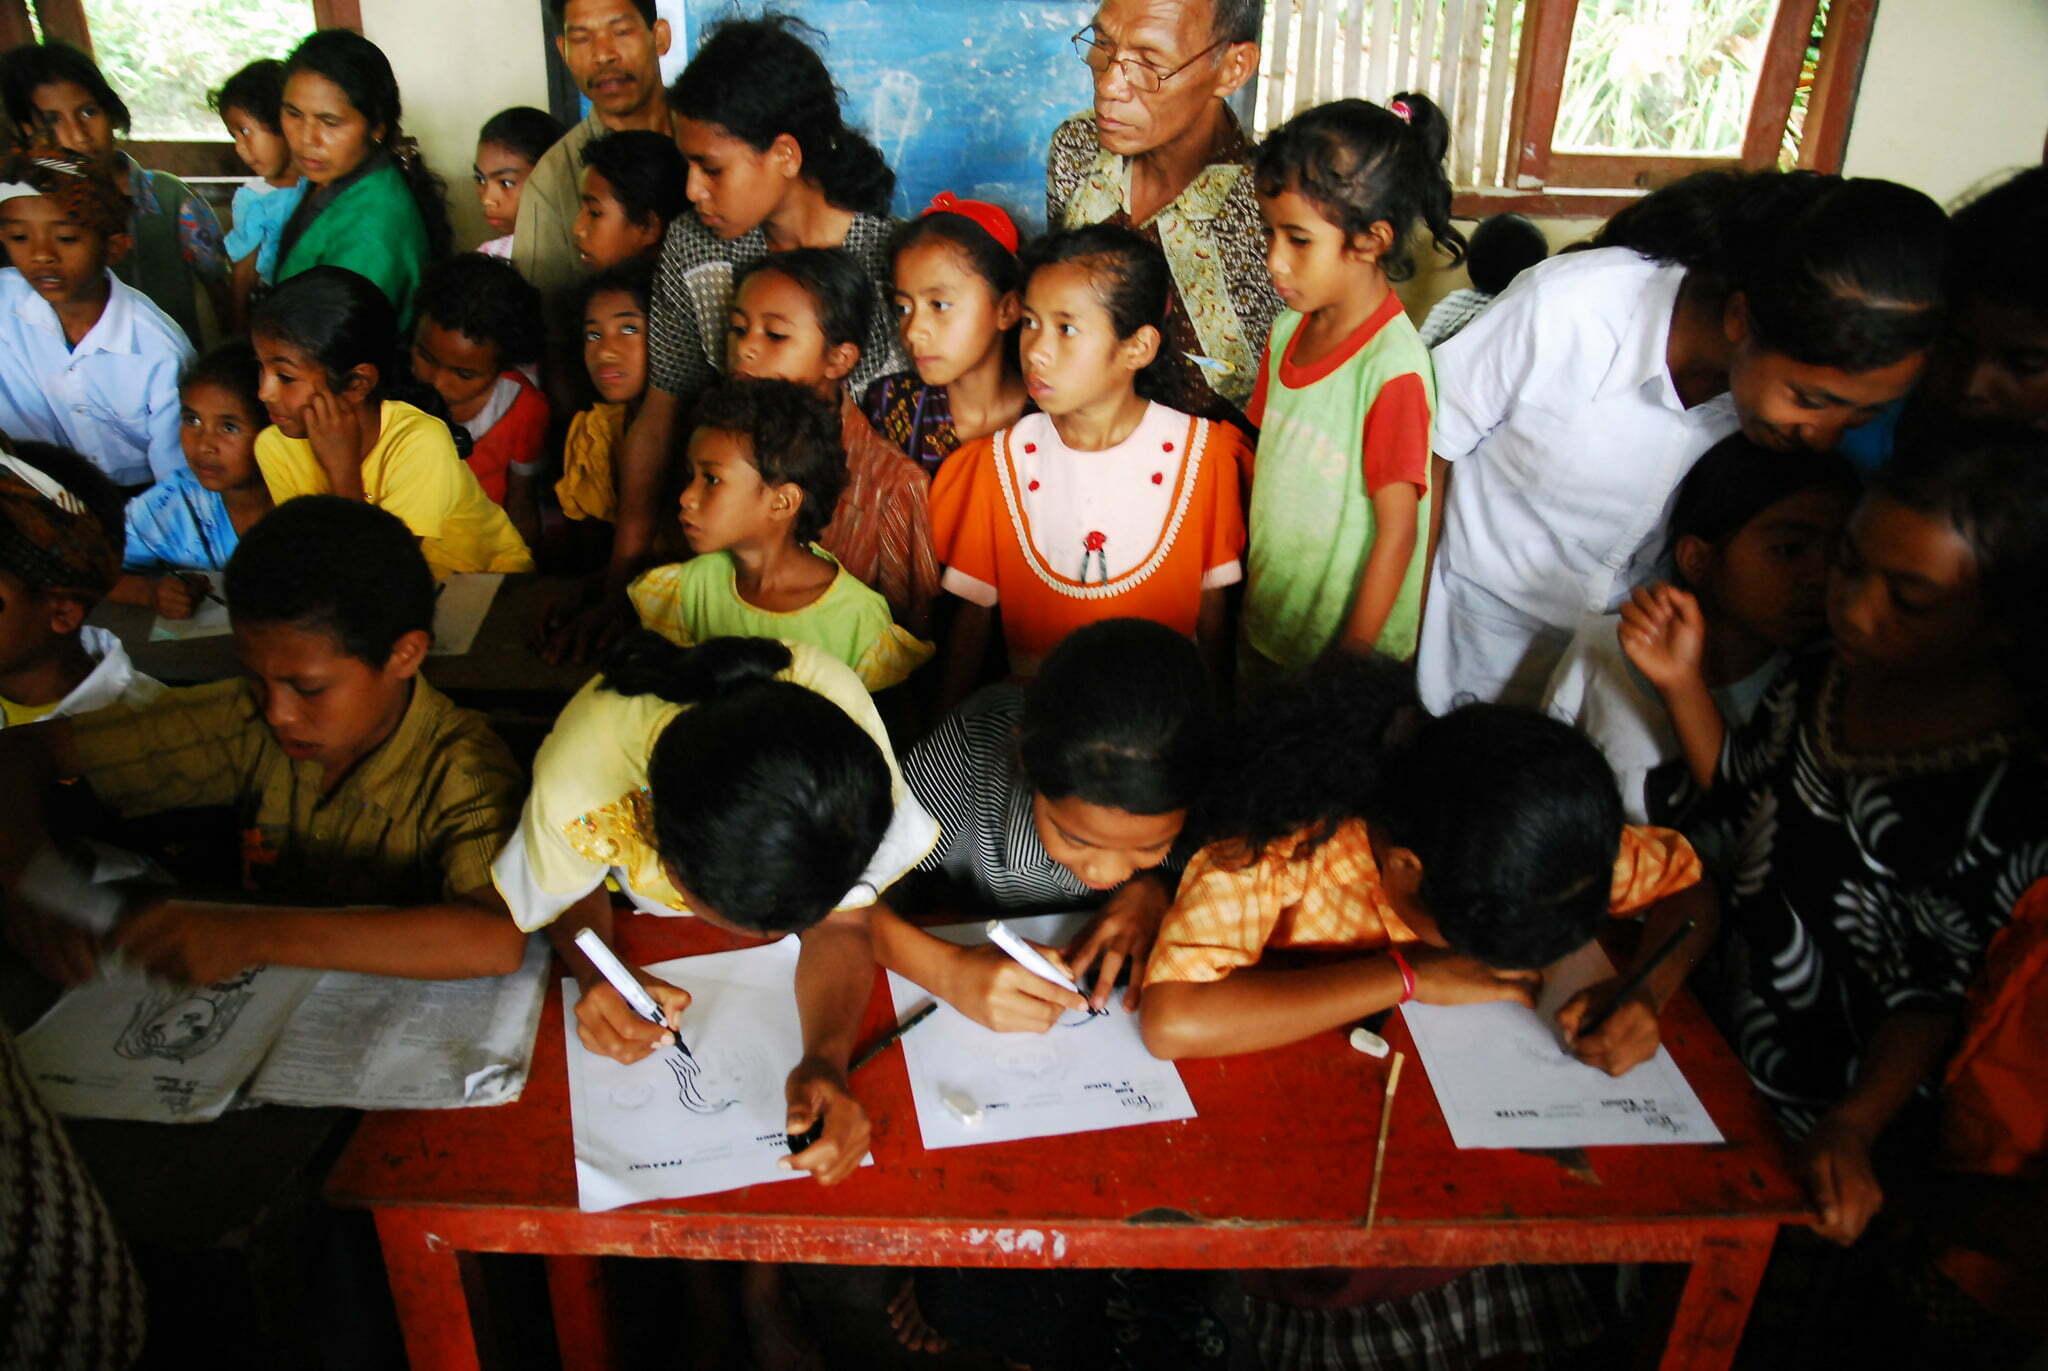 Kijktip: Indonesische kinderen ontwerpen eigen toekomst met t-shirt designs van Face This